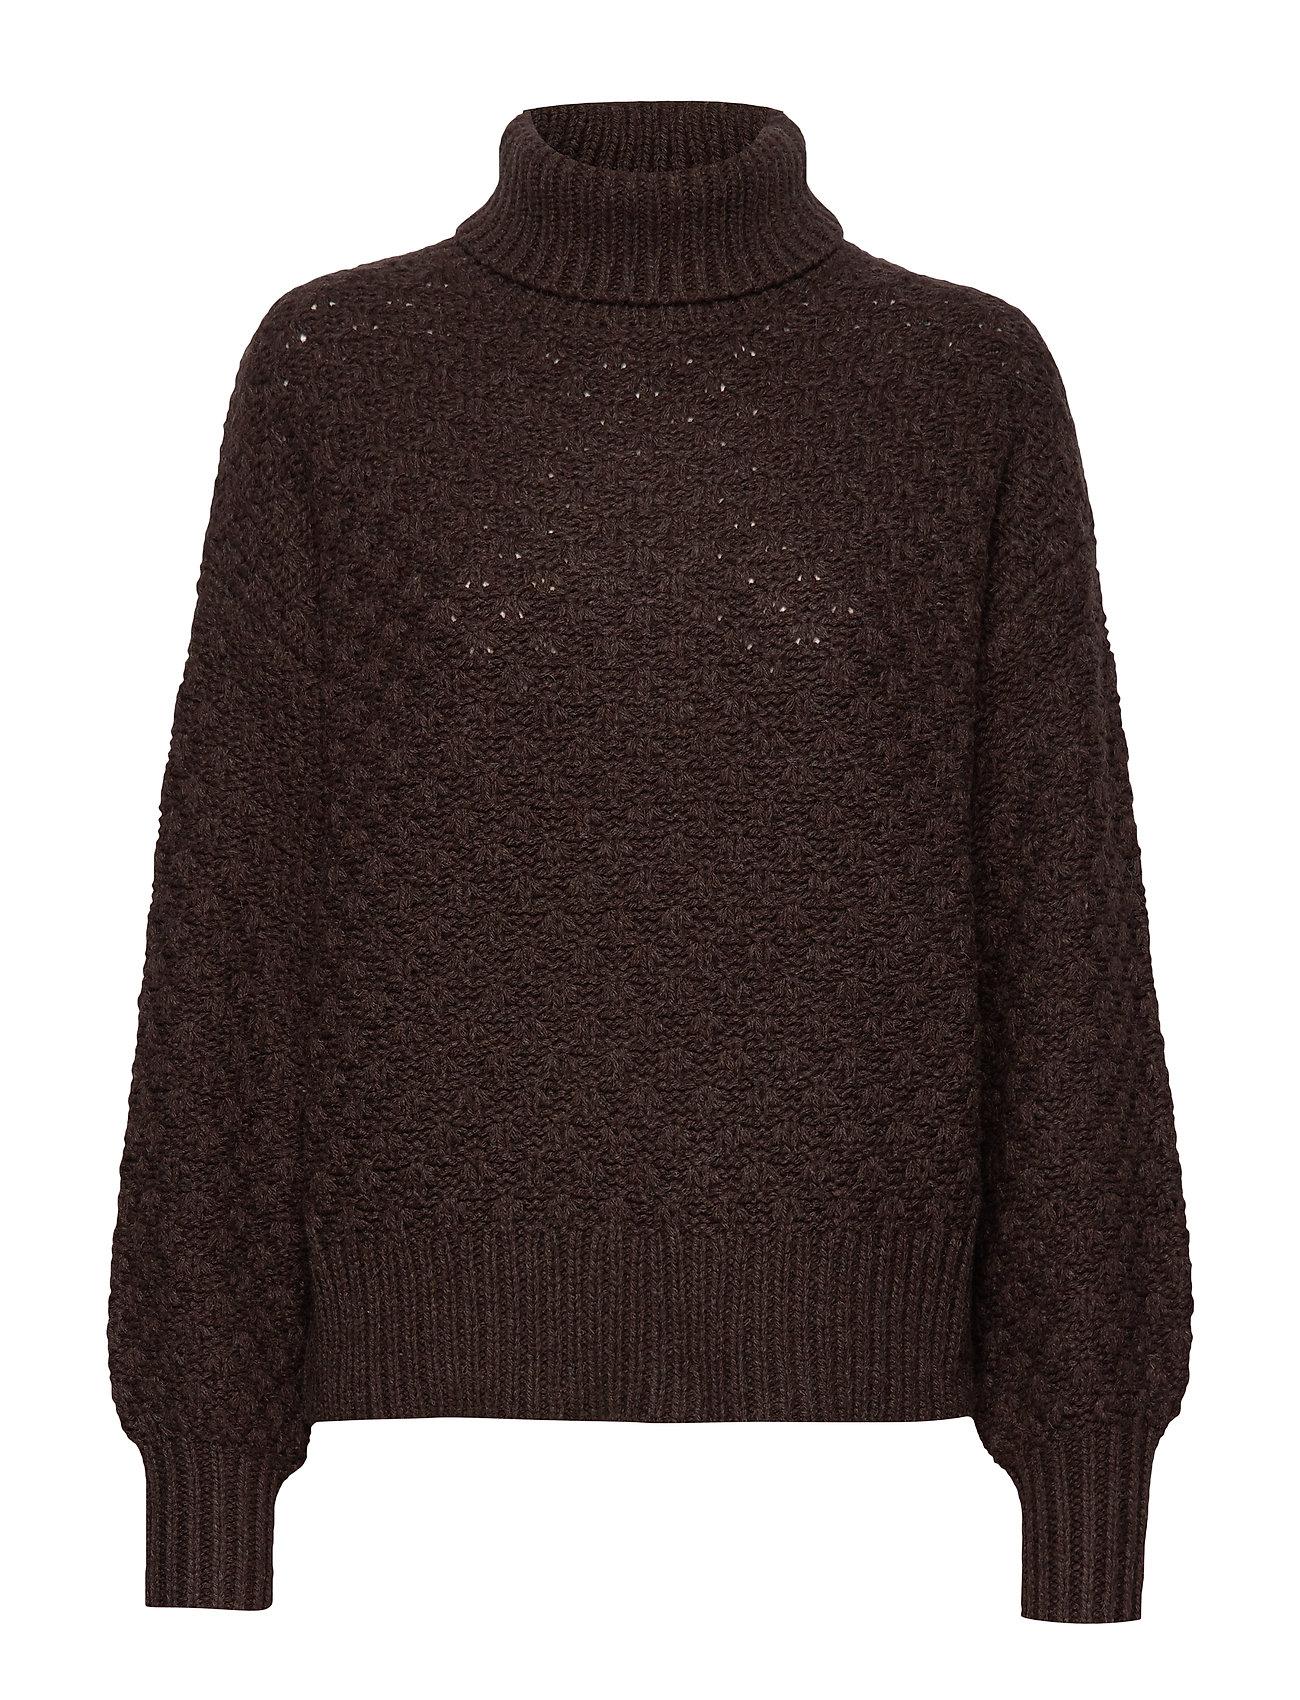 IBEN Greger Sweater STG - SOIL